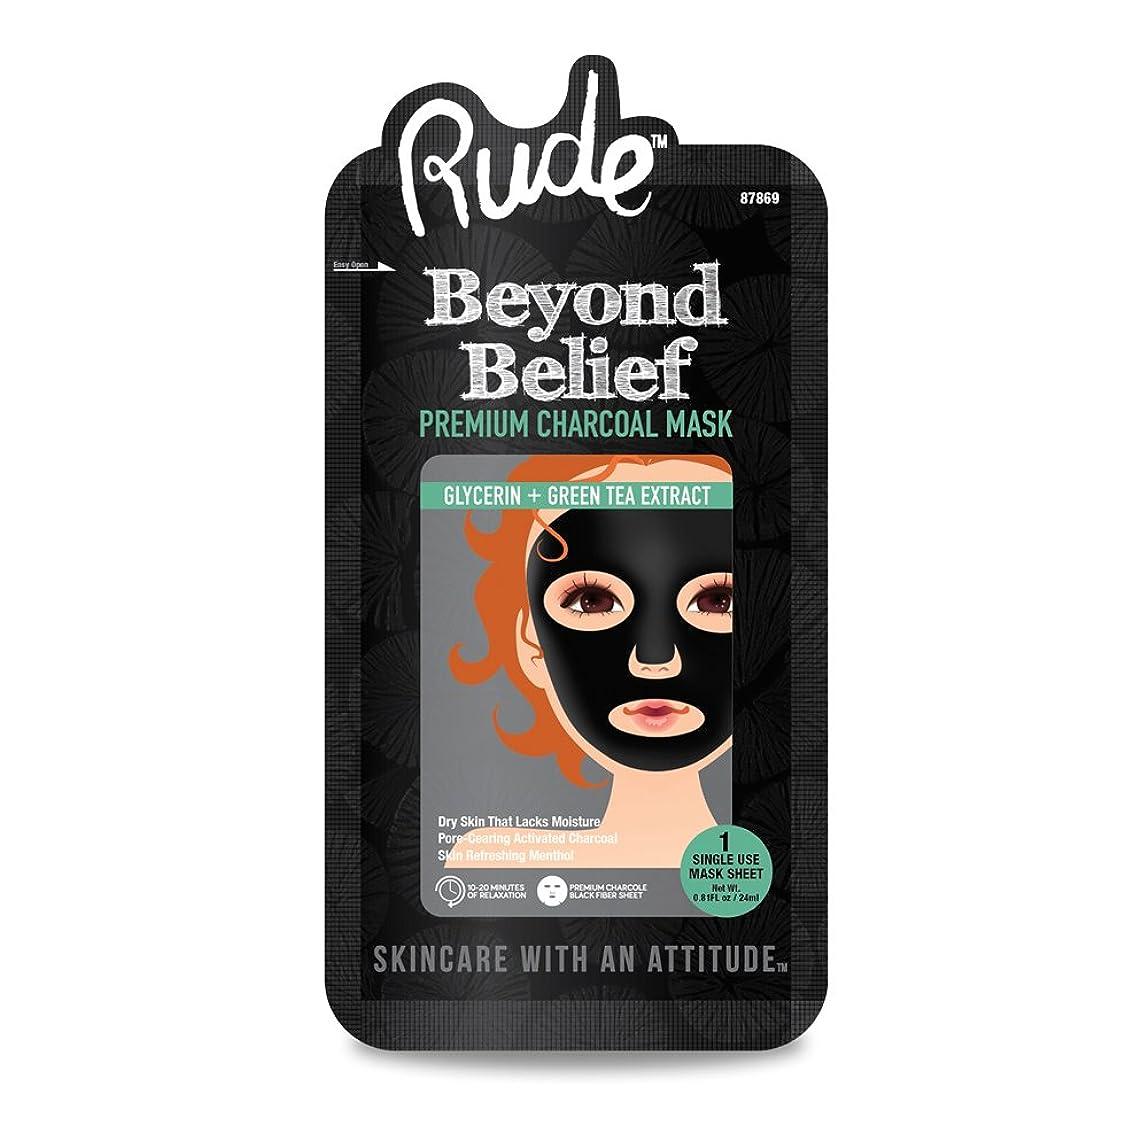 ガイダンス寄稿者奴隷RUDE Beyond Belief Purifying Charcoal Face Mask (並行輸入品)